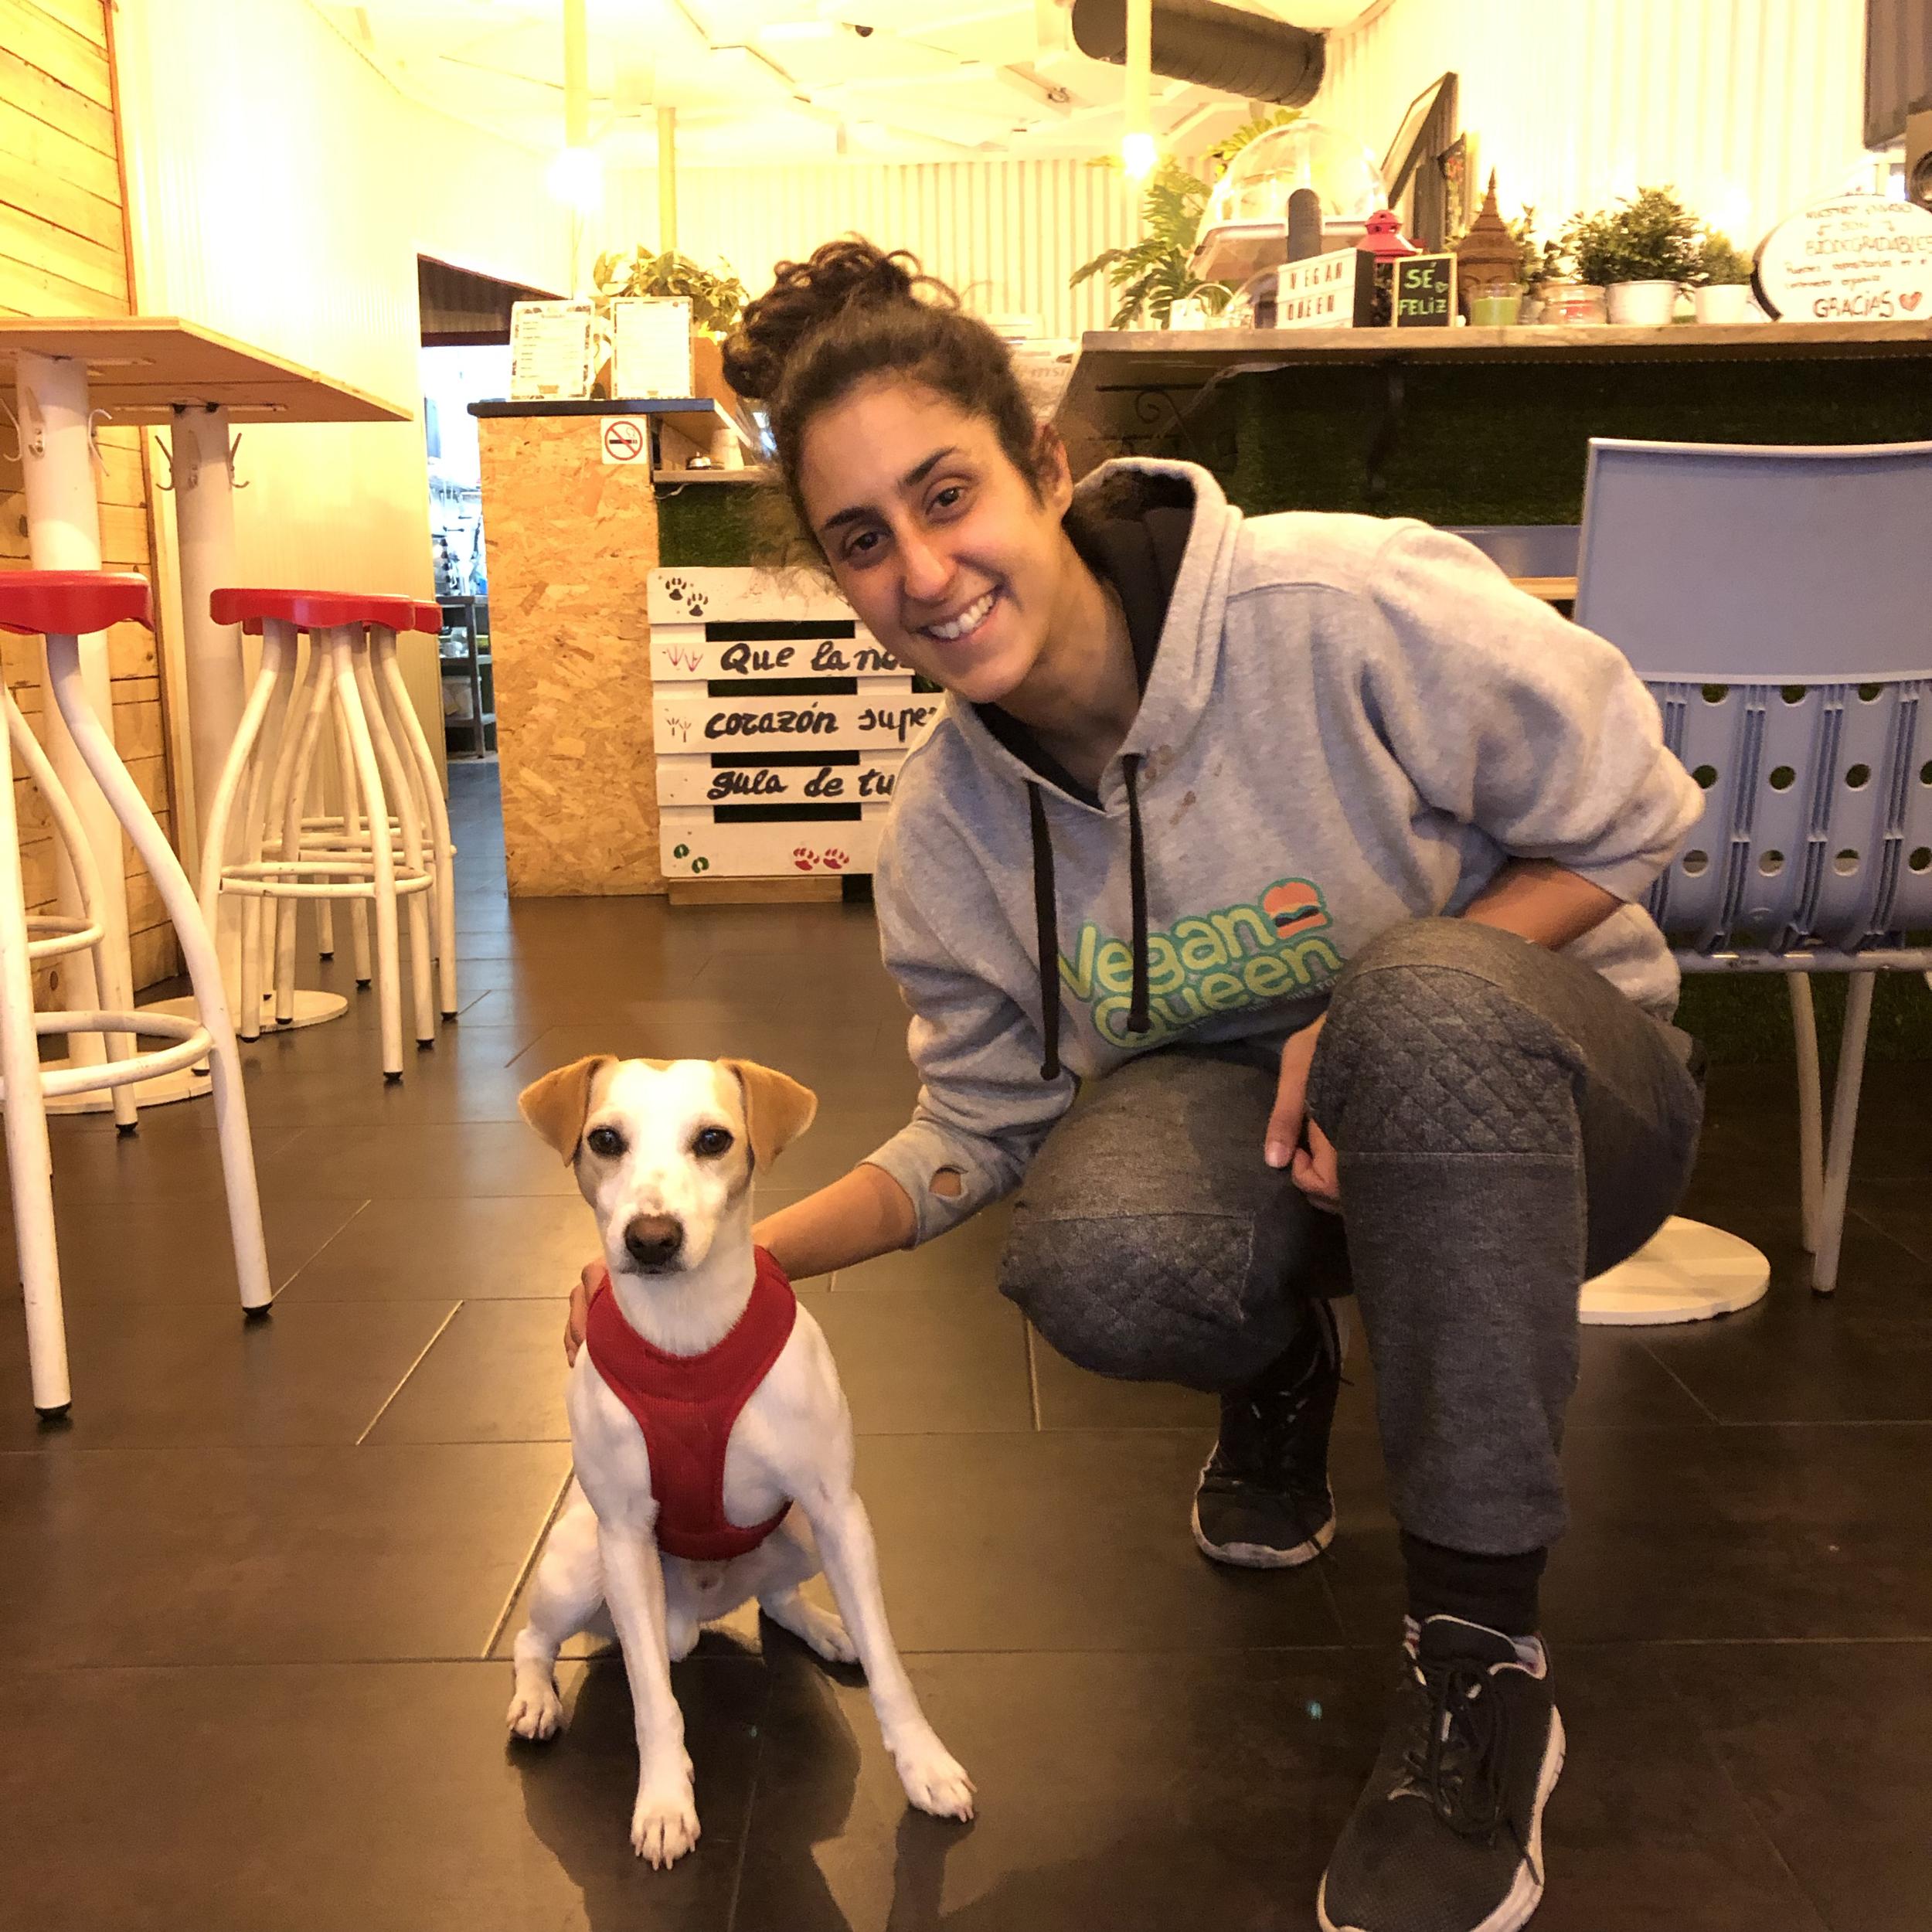 Con Lorena, de Vegan Queen, en Murcia.